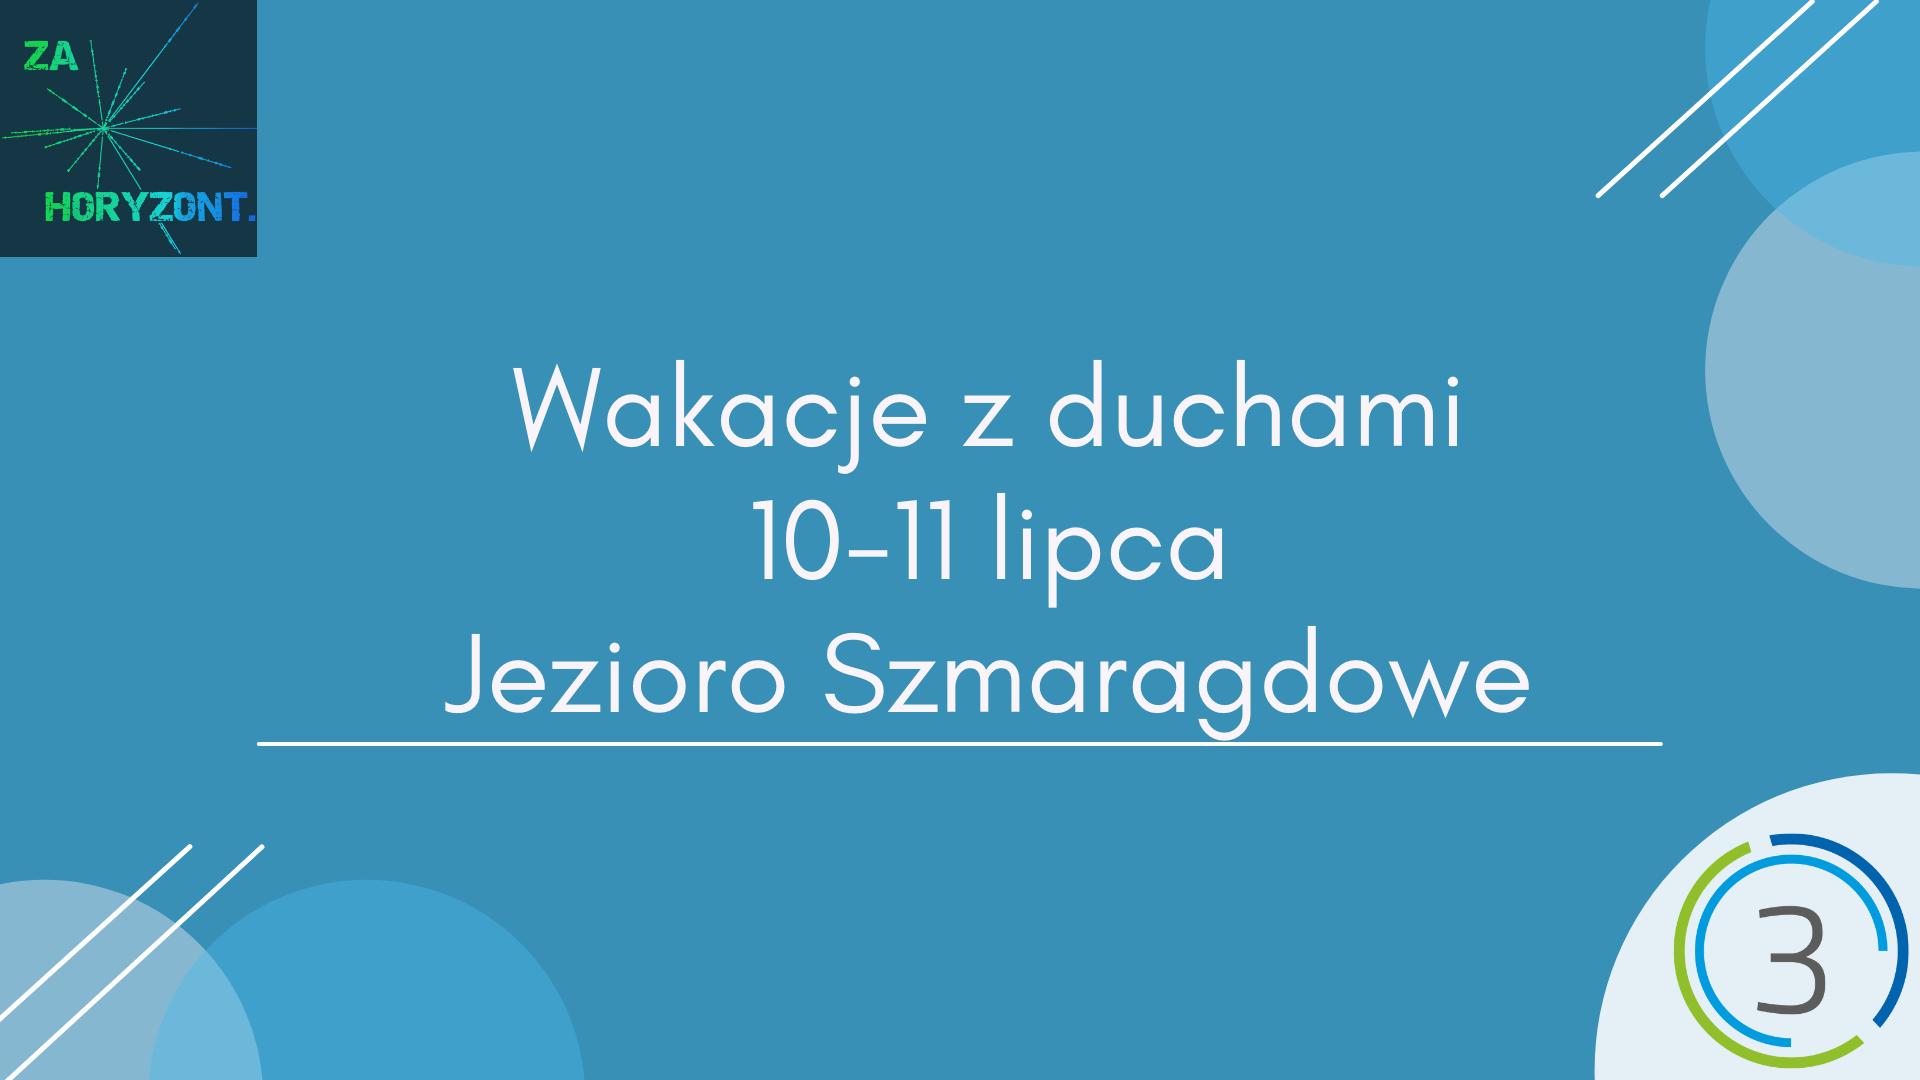 Na niebieskim tle w centrum grafiki znajduje się napis Wakacje z duchami,10-11 lipca, Jezioro Szmaragdowe. W lewym górnym rogu znajduje się logotyp Stowarzyszenia Za Horyzont. W prawym dolnym rogu znajduje się logotyp Sektor 3 Szczecin